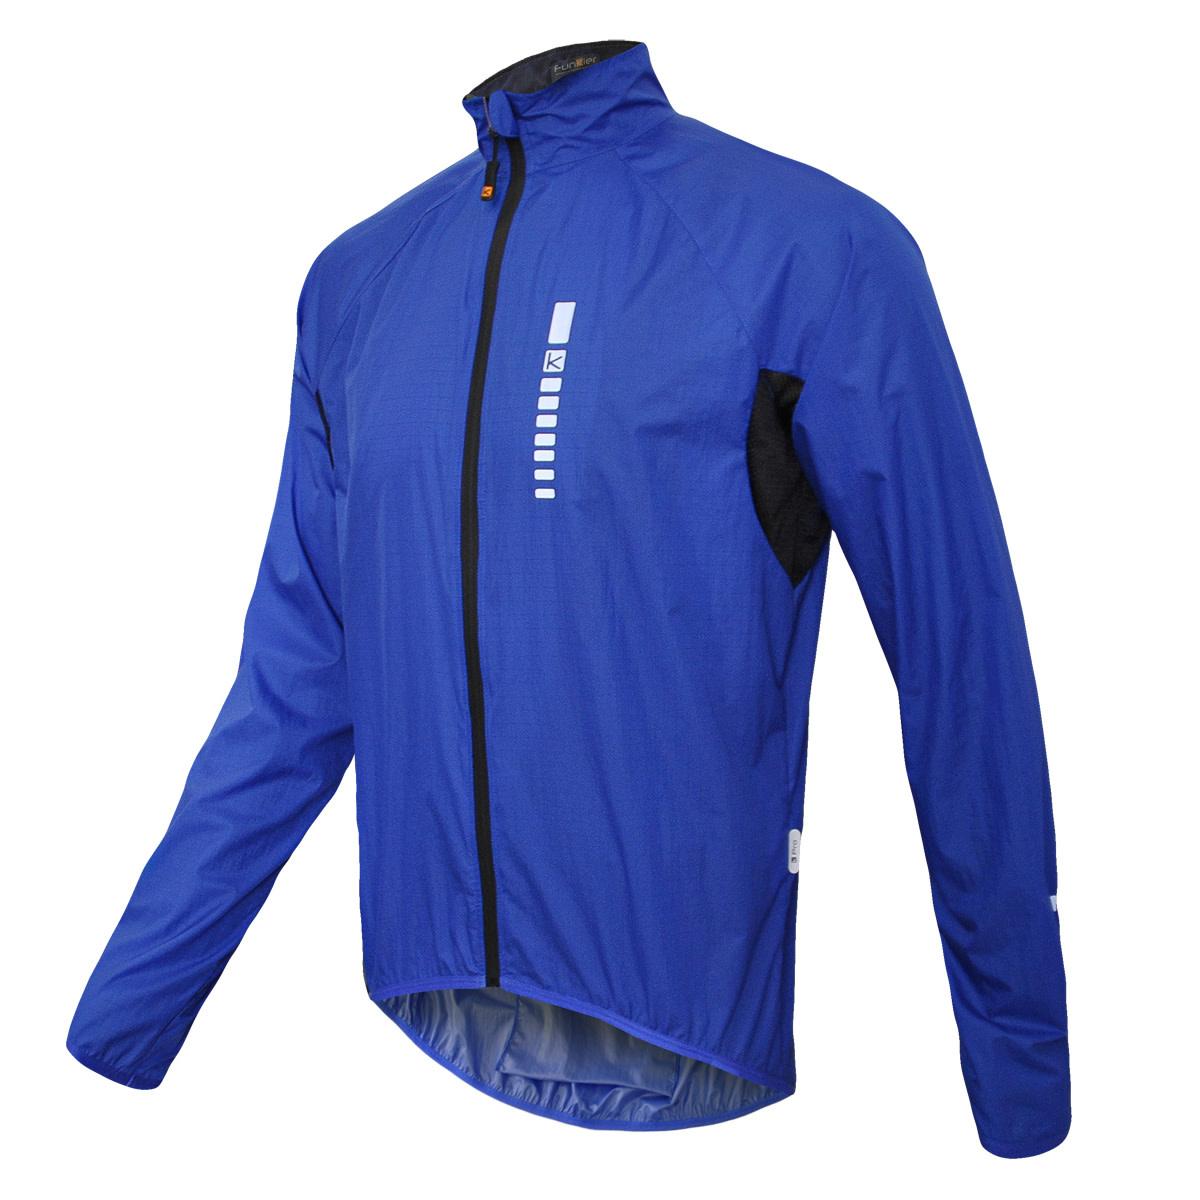 Funkier Funkier DryRide Pro Gents Showerproof Jacket in Blue - X-Large